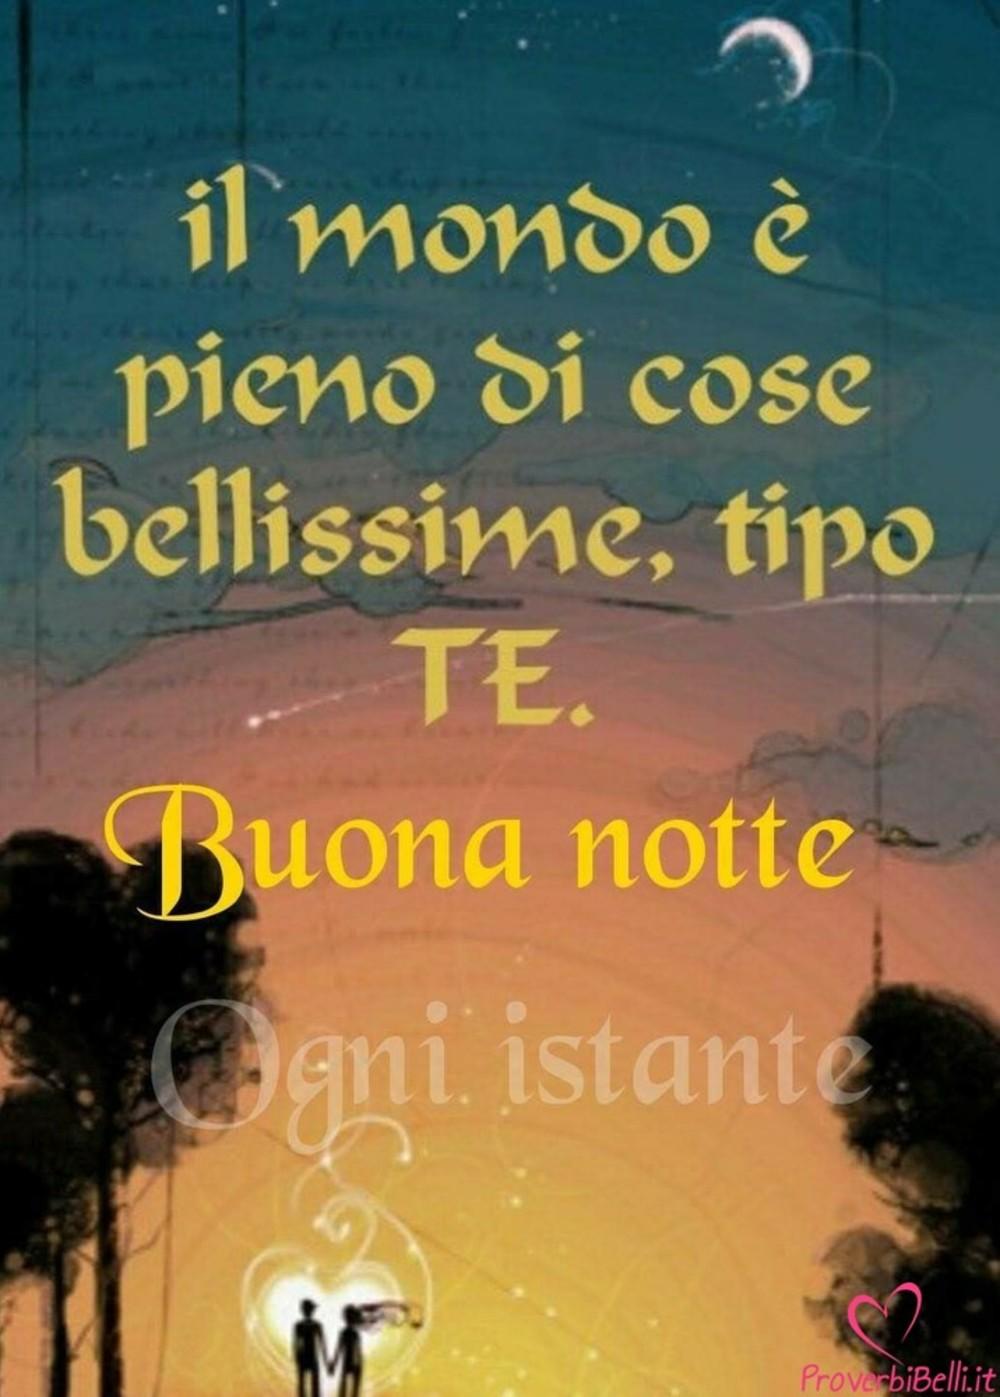 1463 Immagini E Frasi Di Buonanotte Pagina 108